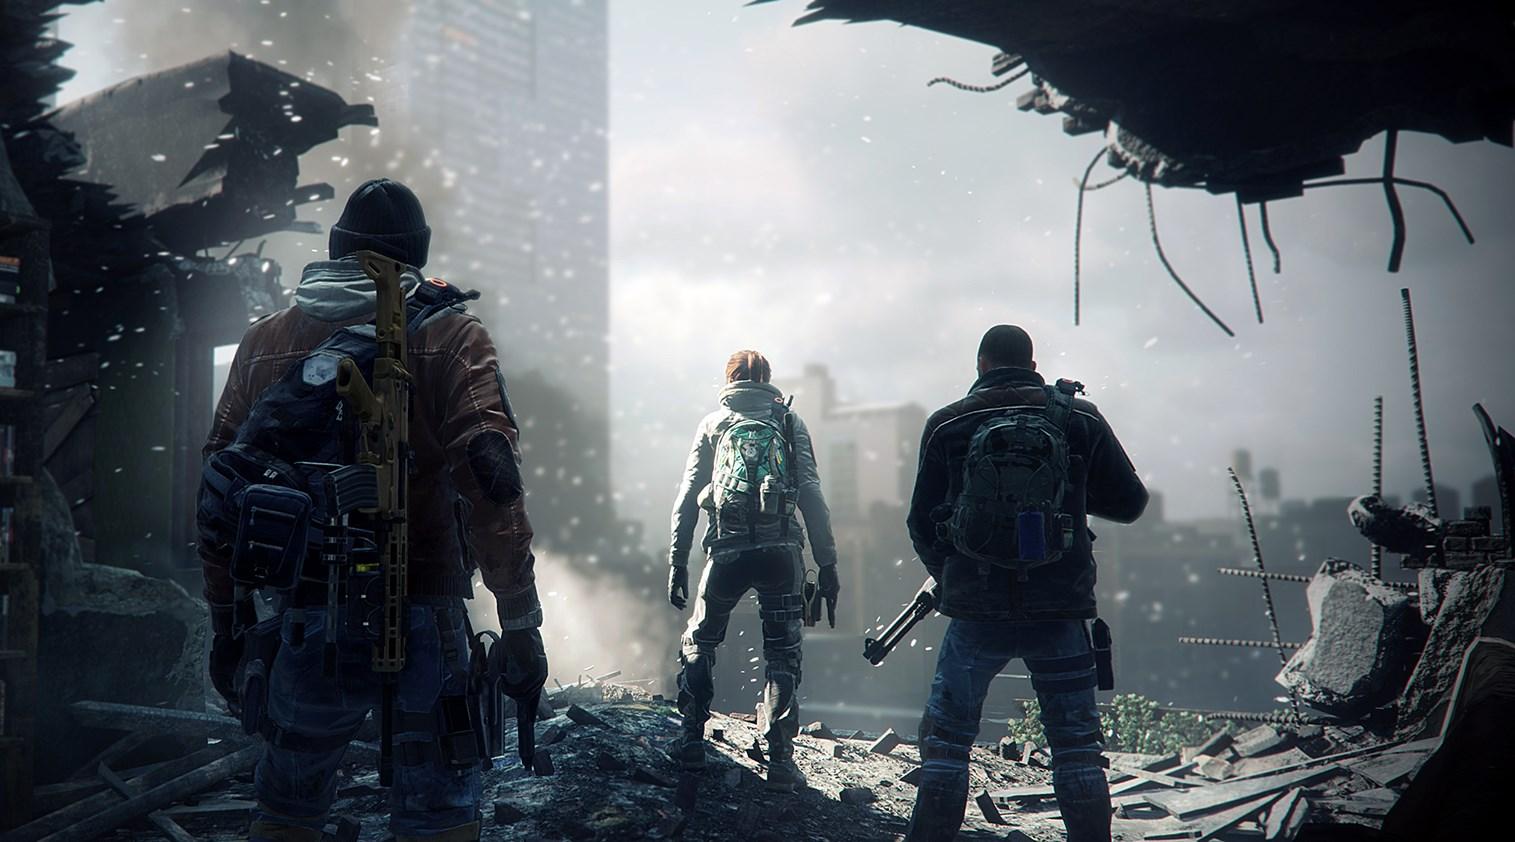 Ubisoft prepares to punish Division exploiters